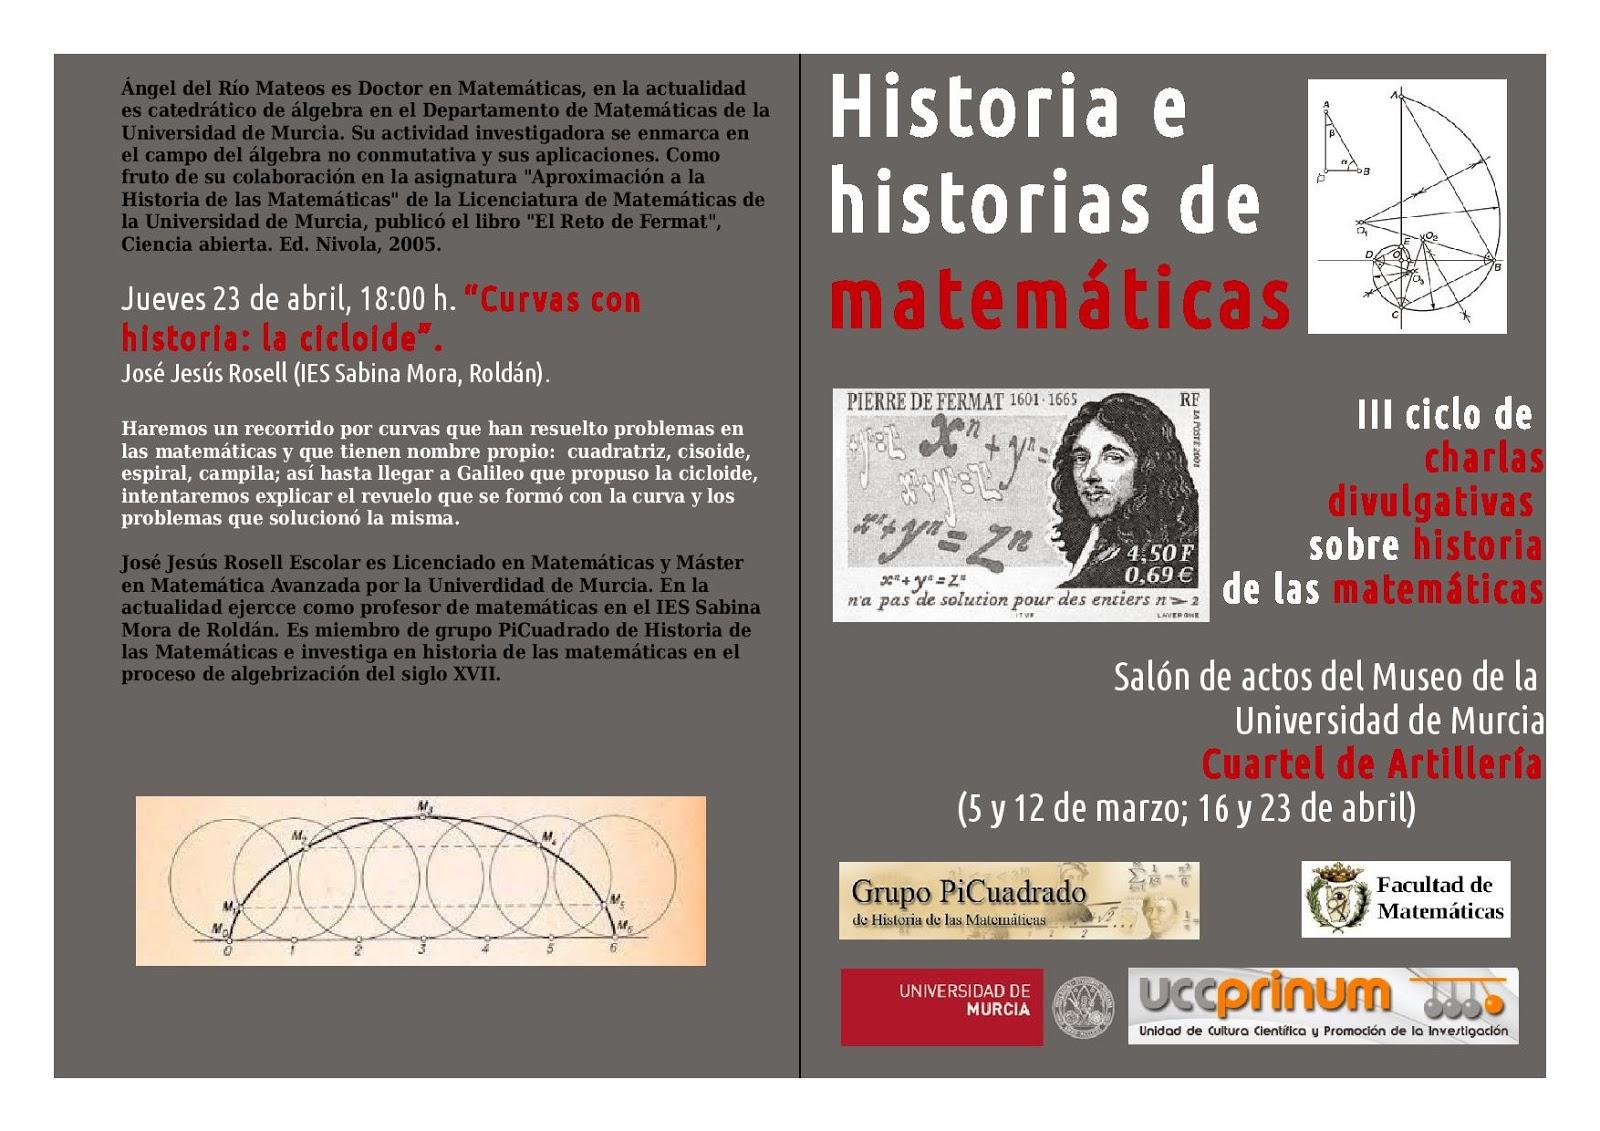 III ciclo de conferencias divulgativas sobre Historia de las Matemáticas.